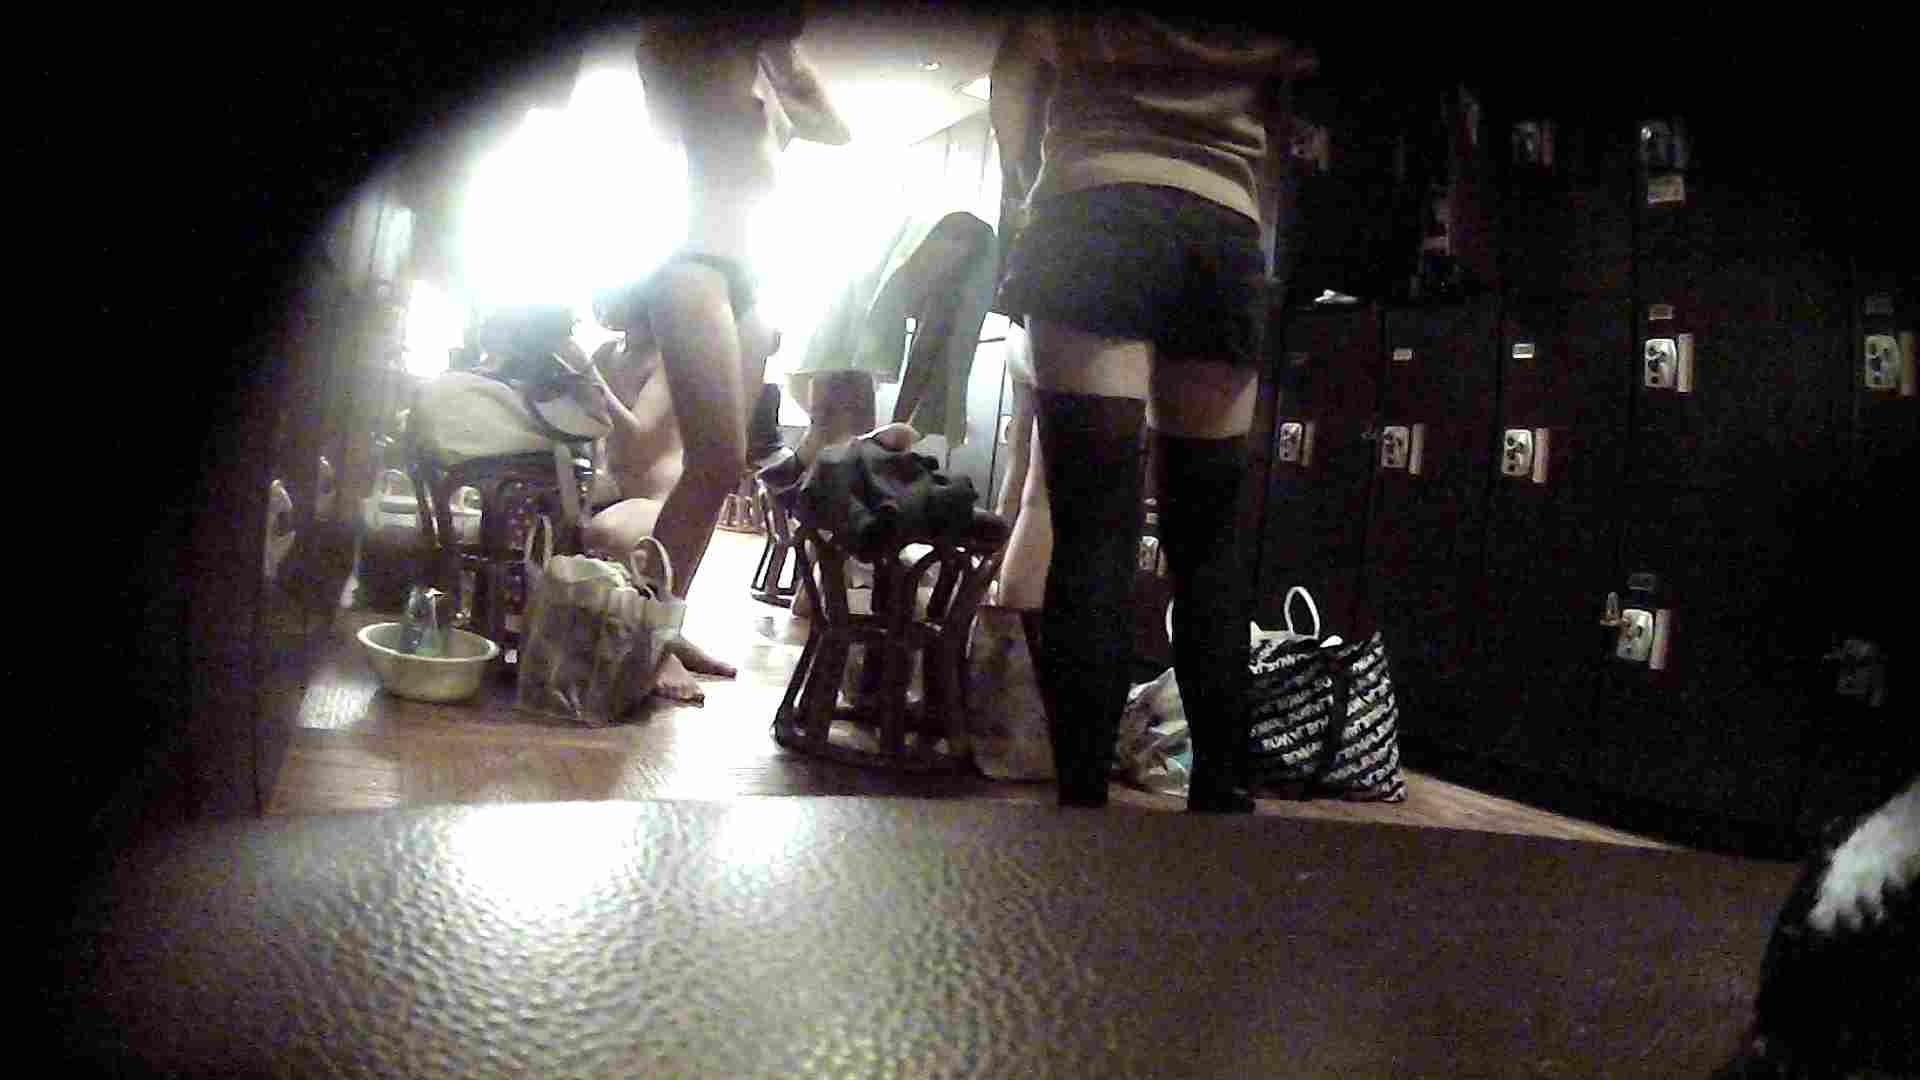 オムニバスVol.5 脱衣所のイケイケギャルがお勧め ギャル盗撮映像  97PIX 85